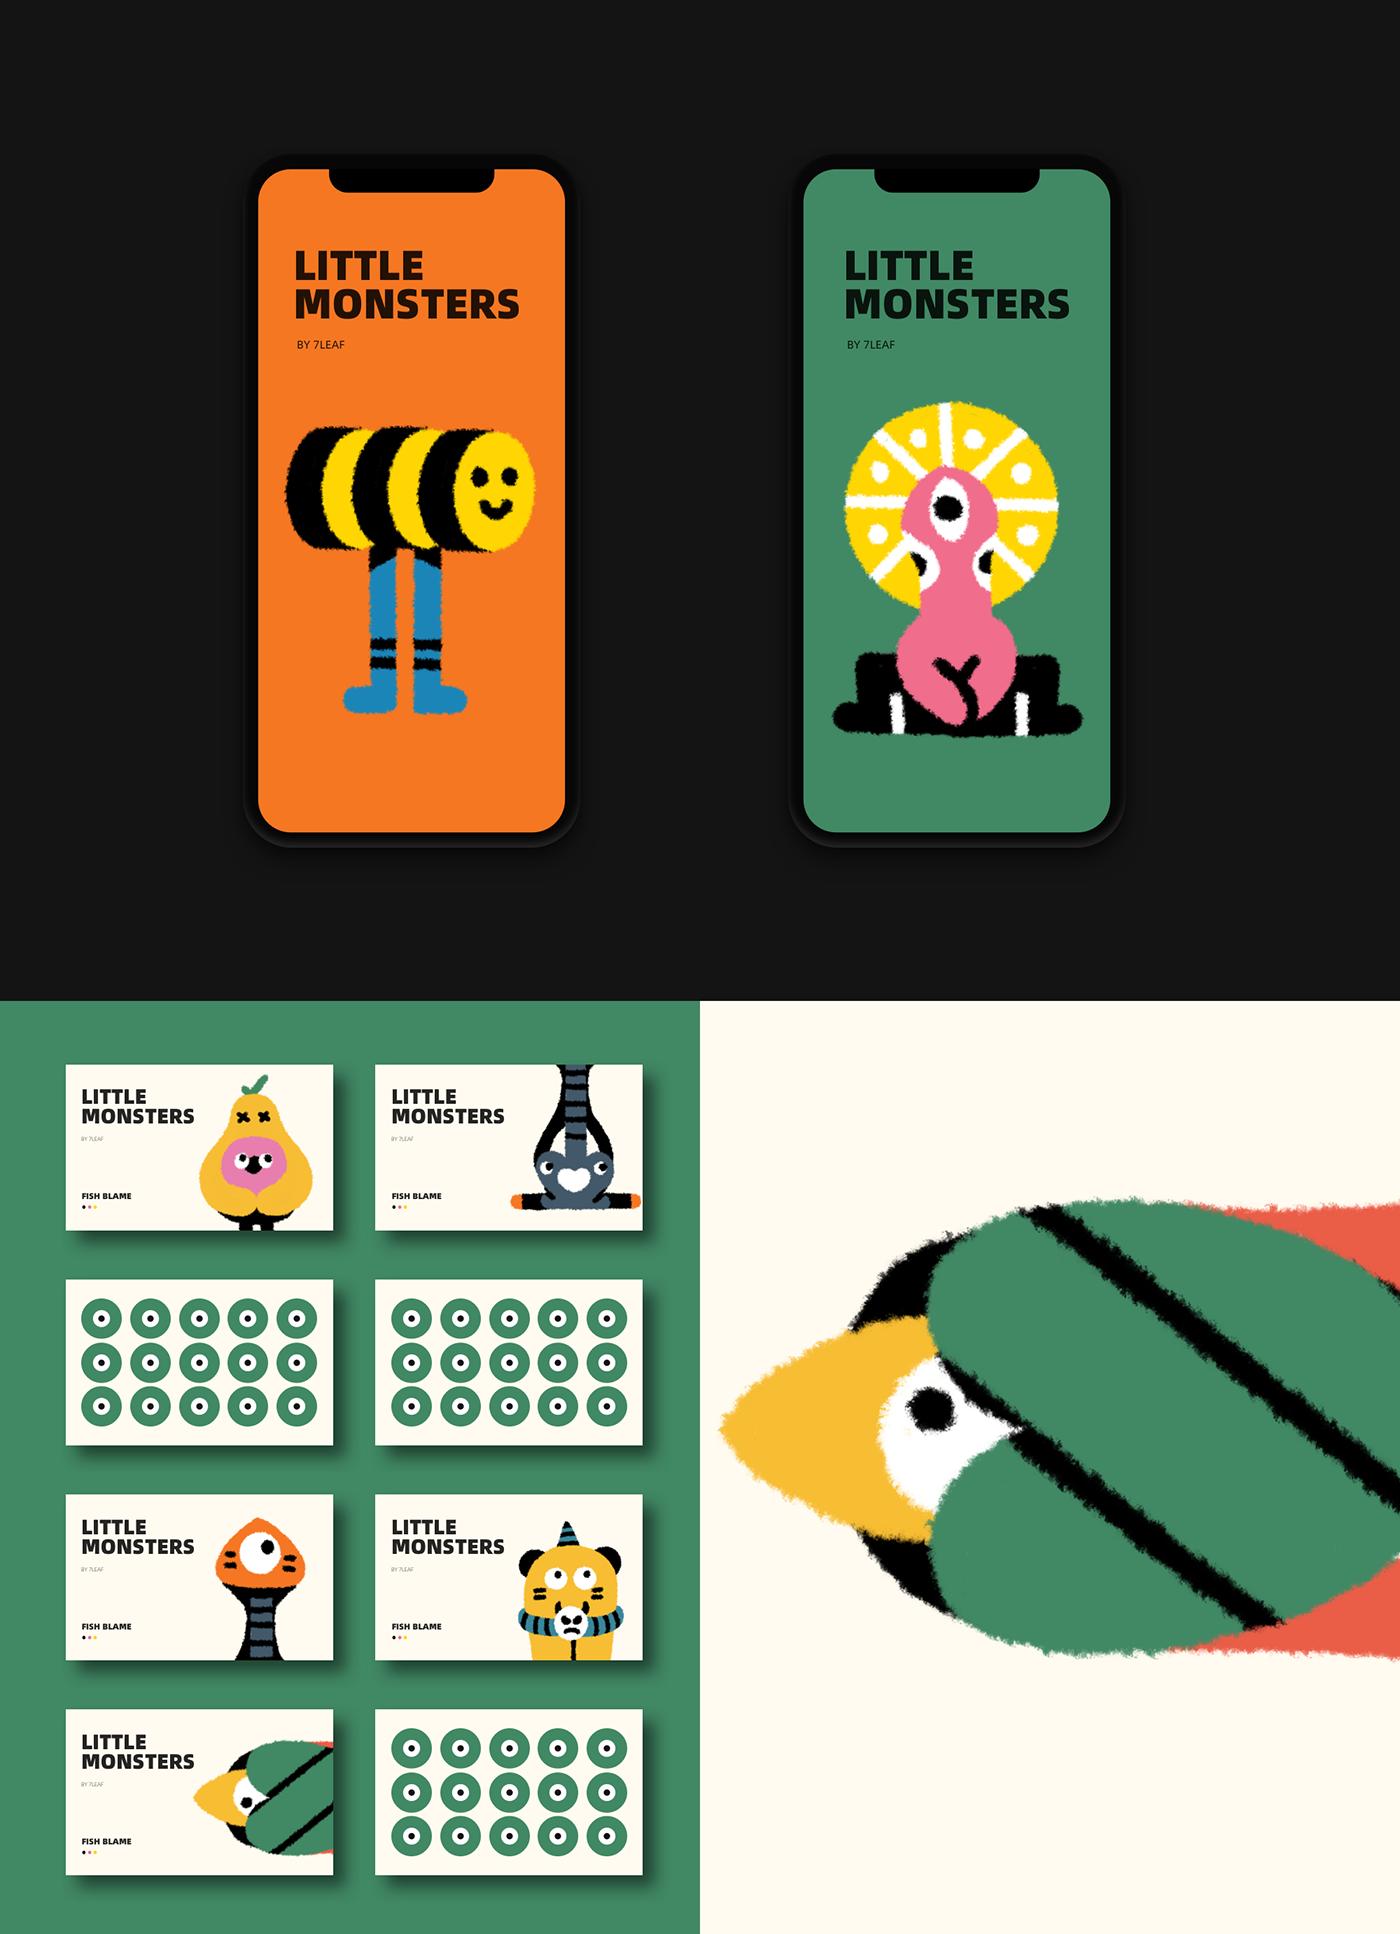 Image may contain: cartoon, screenshot and illustration